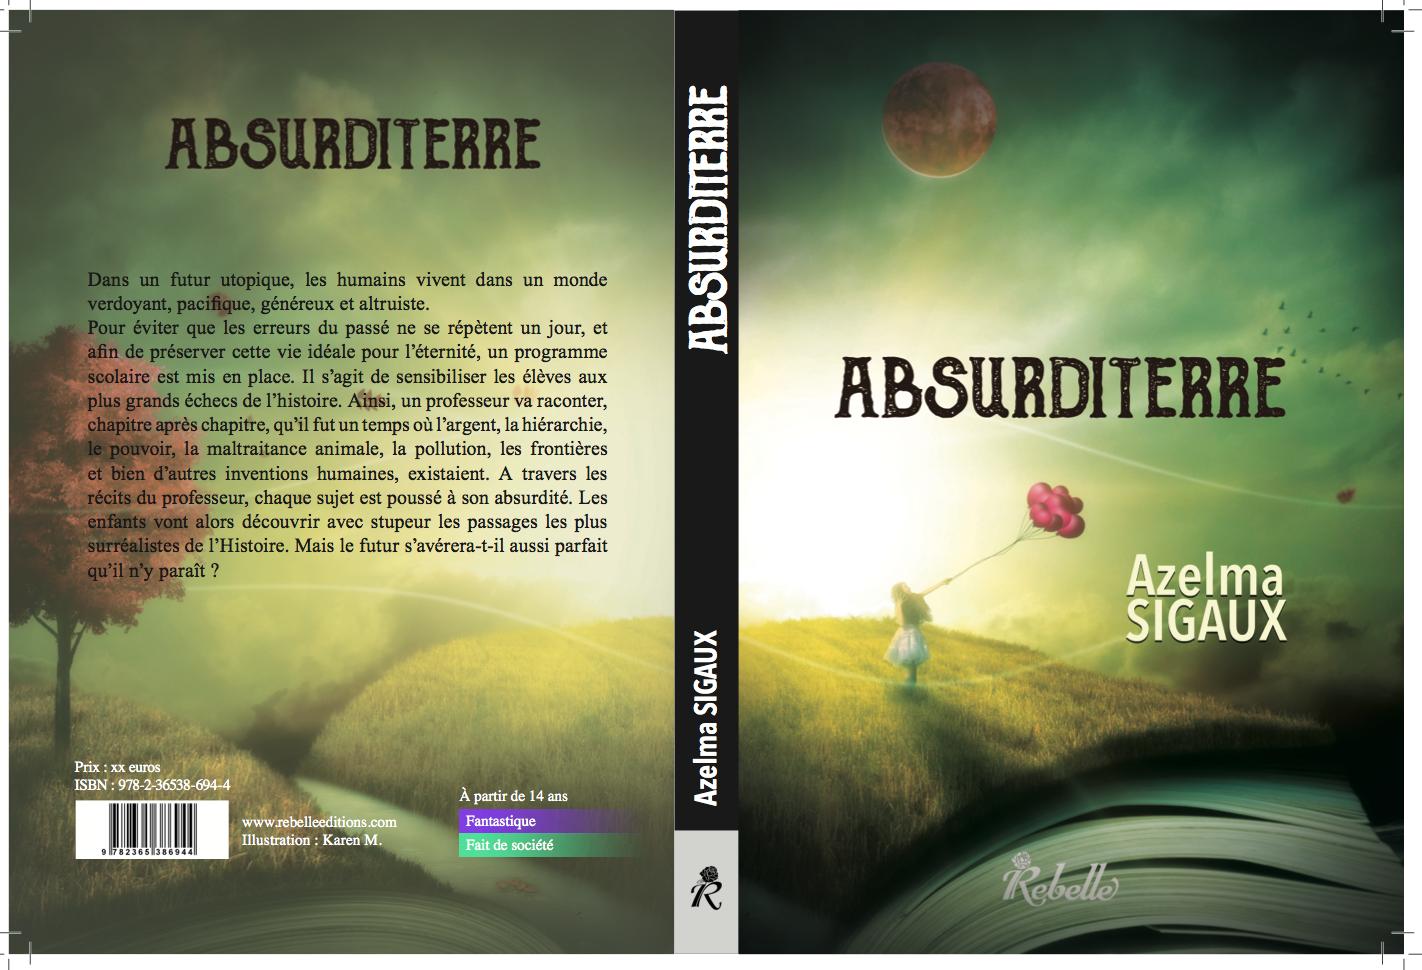 azelma sigaux pour son roman absurditerre 250718